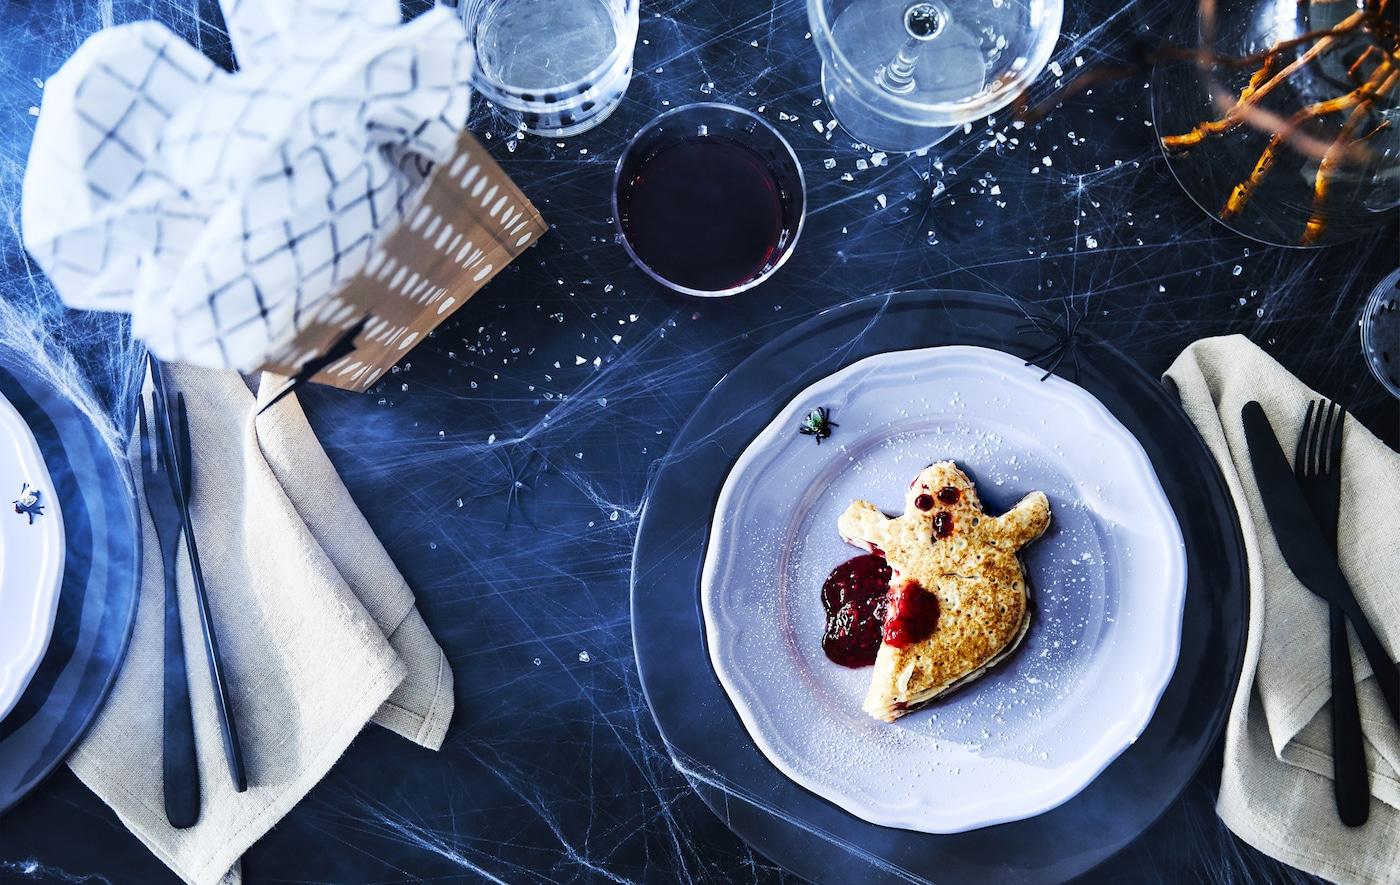 ホラー仕様のパンケーキをナイフで切る。イケアは、温めるだけですぐ食べられる冷凍パンケーキを用意しています。子どもでも簡単に手に取ったり、飲み物を飲めるように、ライラックのARV/アルヴなどのサイドプレート、ÖVERSIKT/オーヴェルスィクトの水玉ローグラスでサーブします。